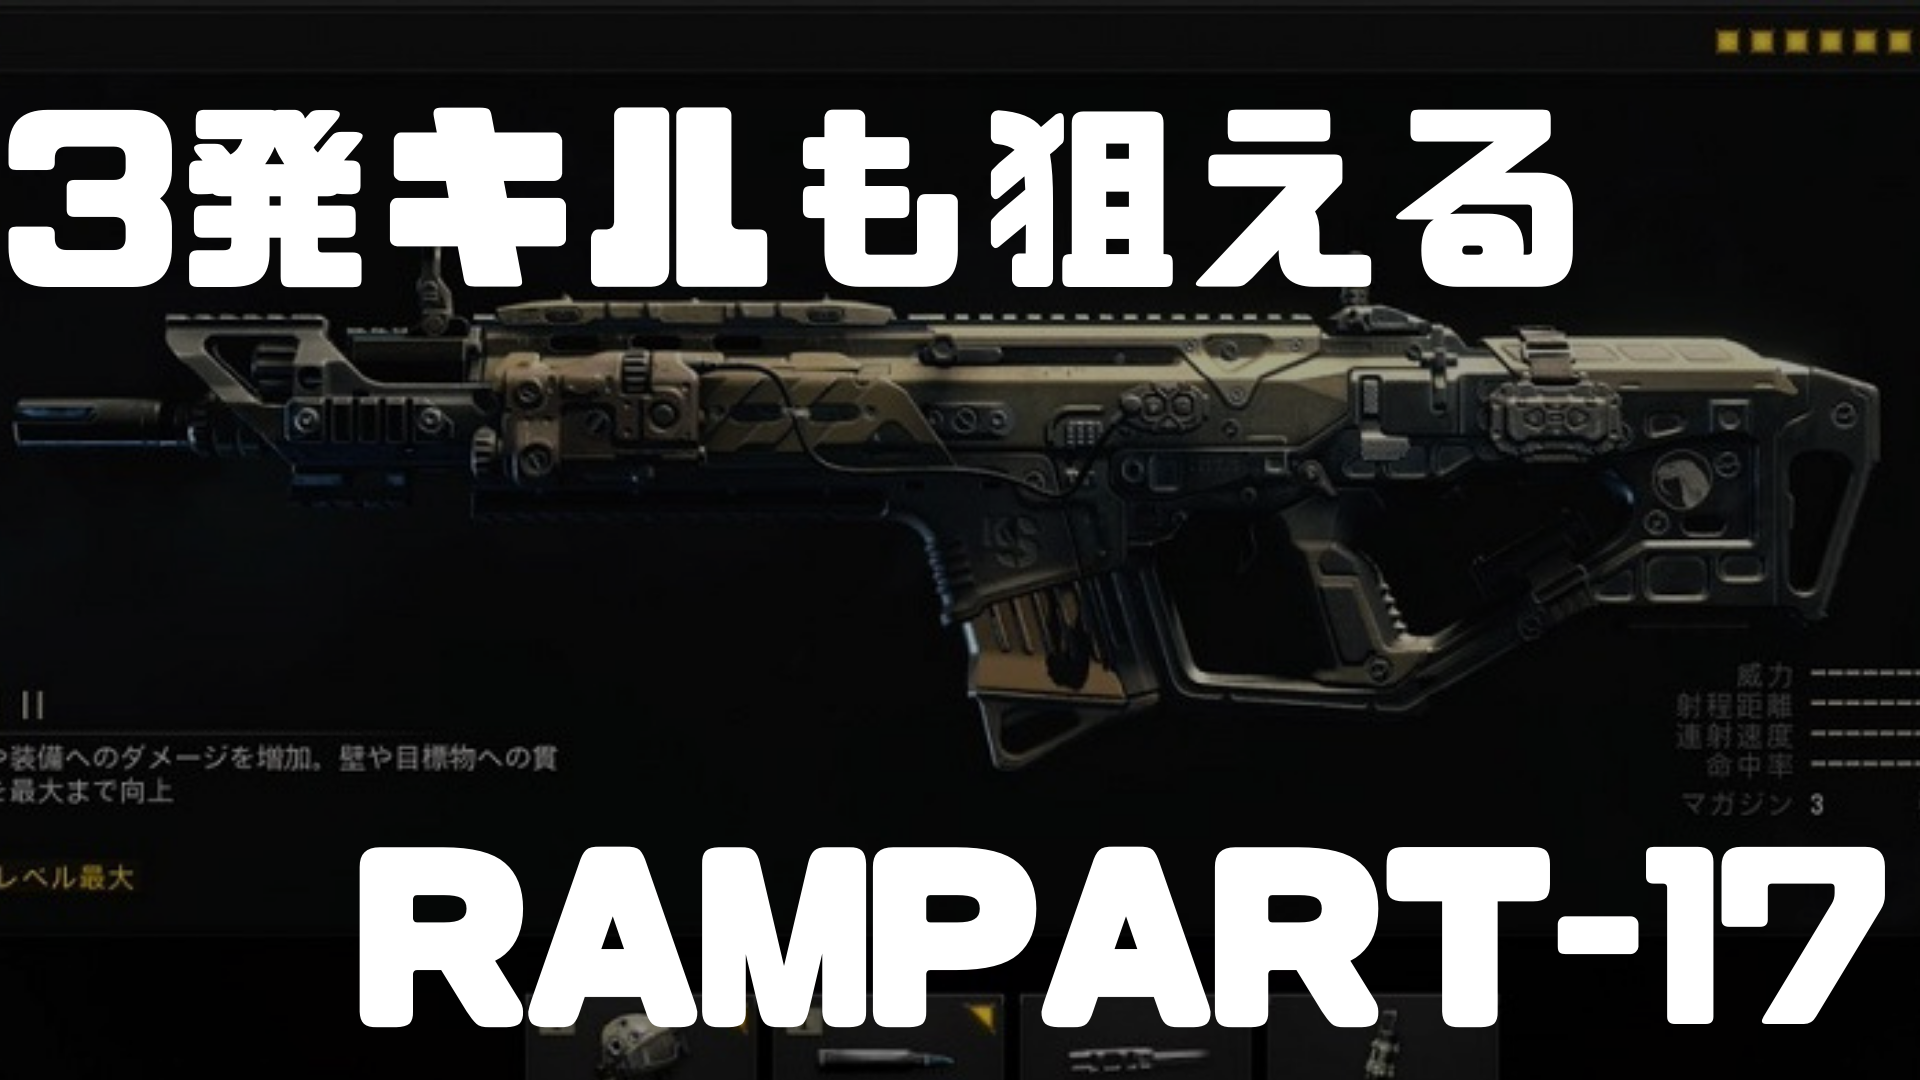 【BO4】大口径で3発キルも可能な高威力 RAMPART-17の性能